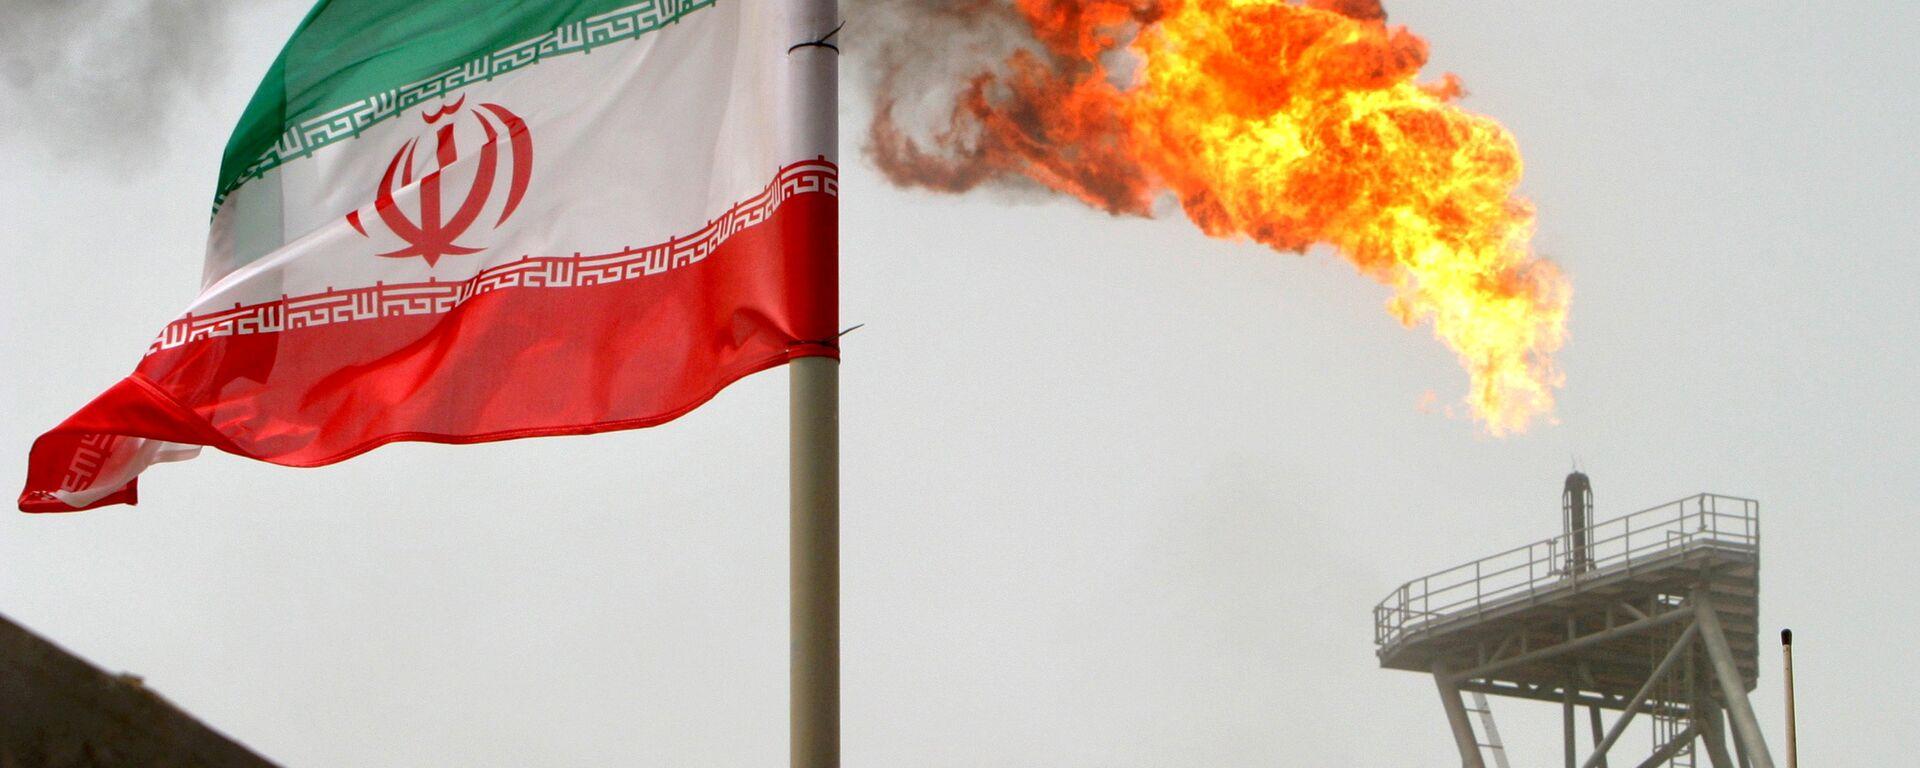 Флаг Ирана на фоне горящего факела на нефтедобывающей платформе - Sputnik Грузия, 1920, 12.08.2021